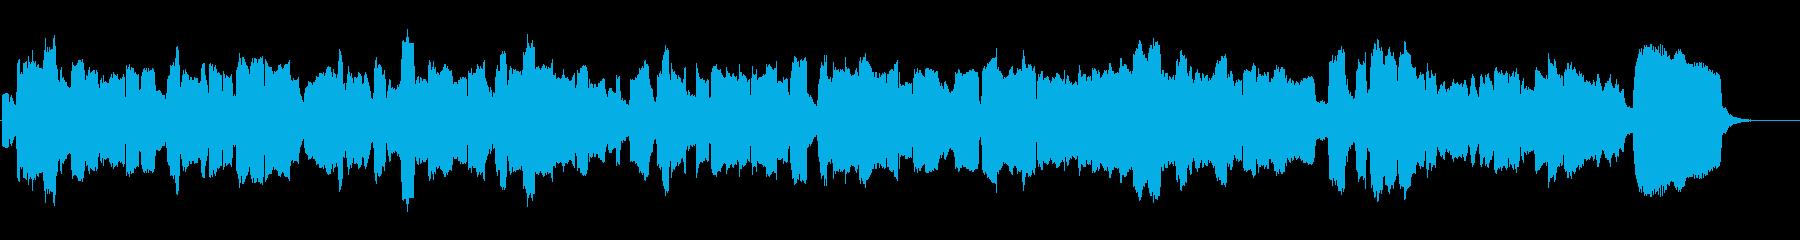 【童話プロローグ風BGM】オカリナ絵本の再生済みの波形